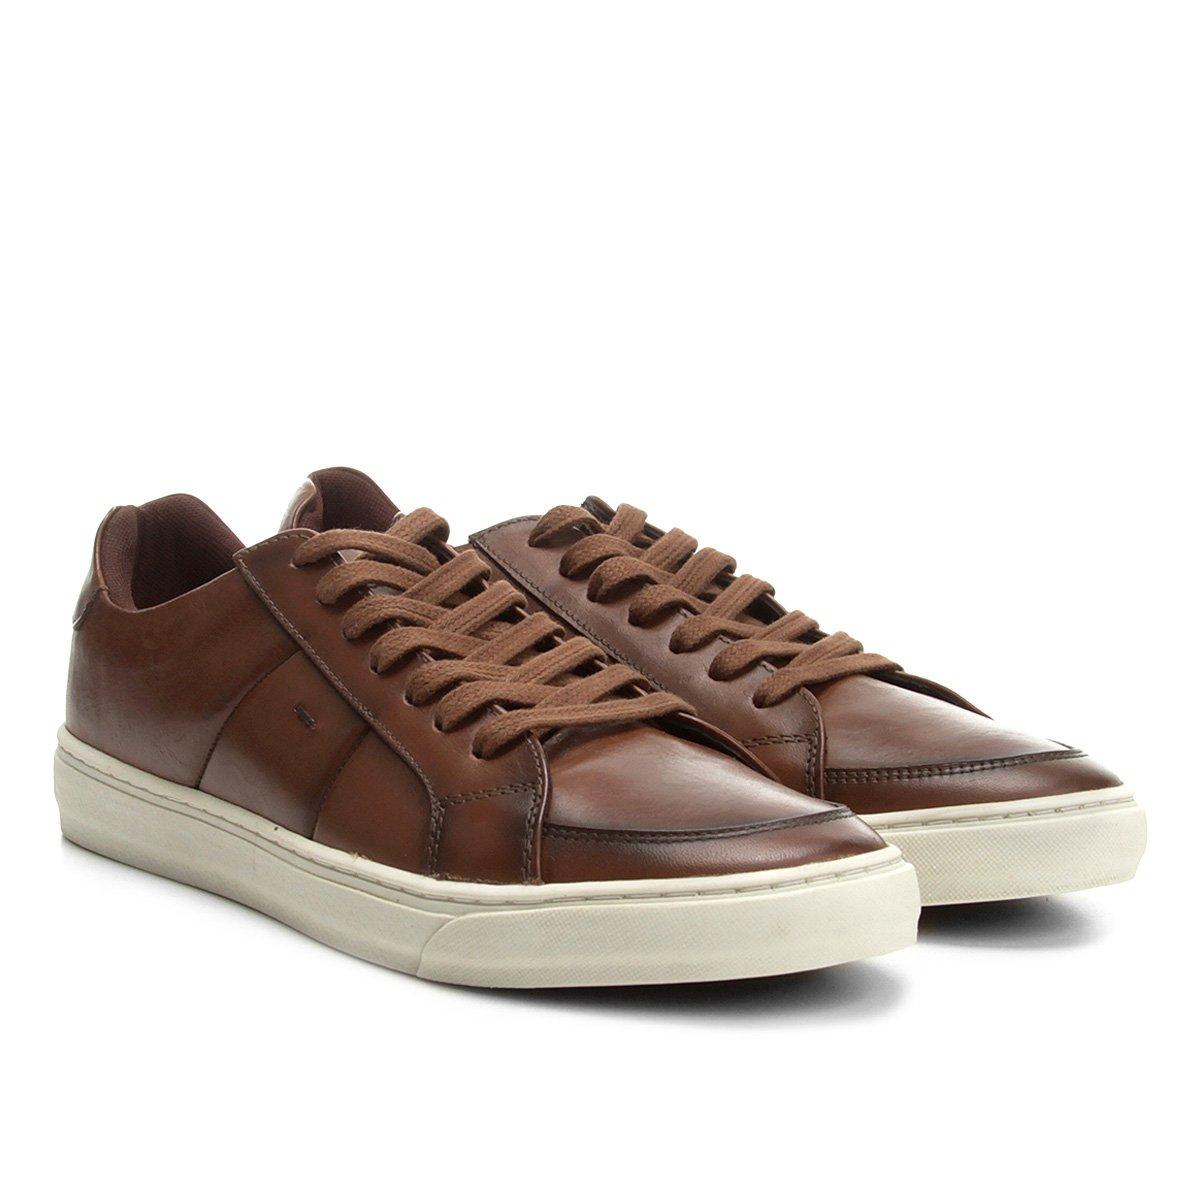 3b24c59218 Sapatênis Couro Shoestock Recorte Lateral Masculino - Compre Agora ...